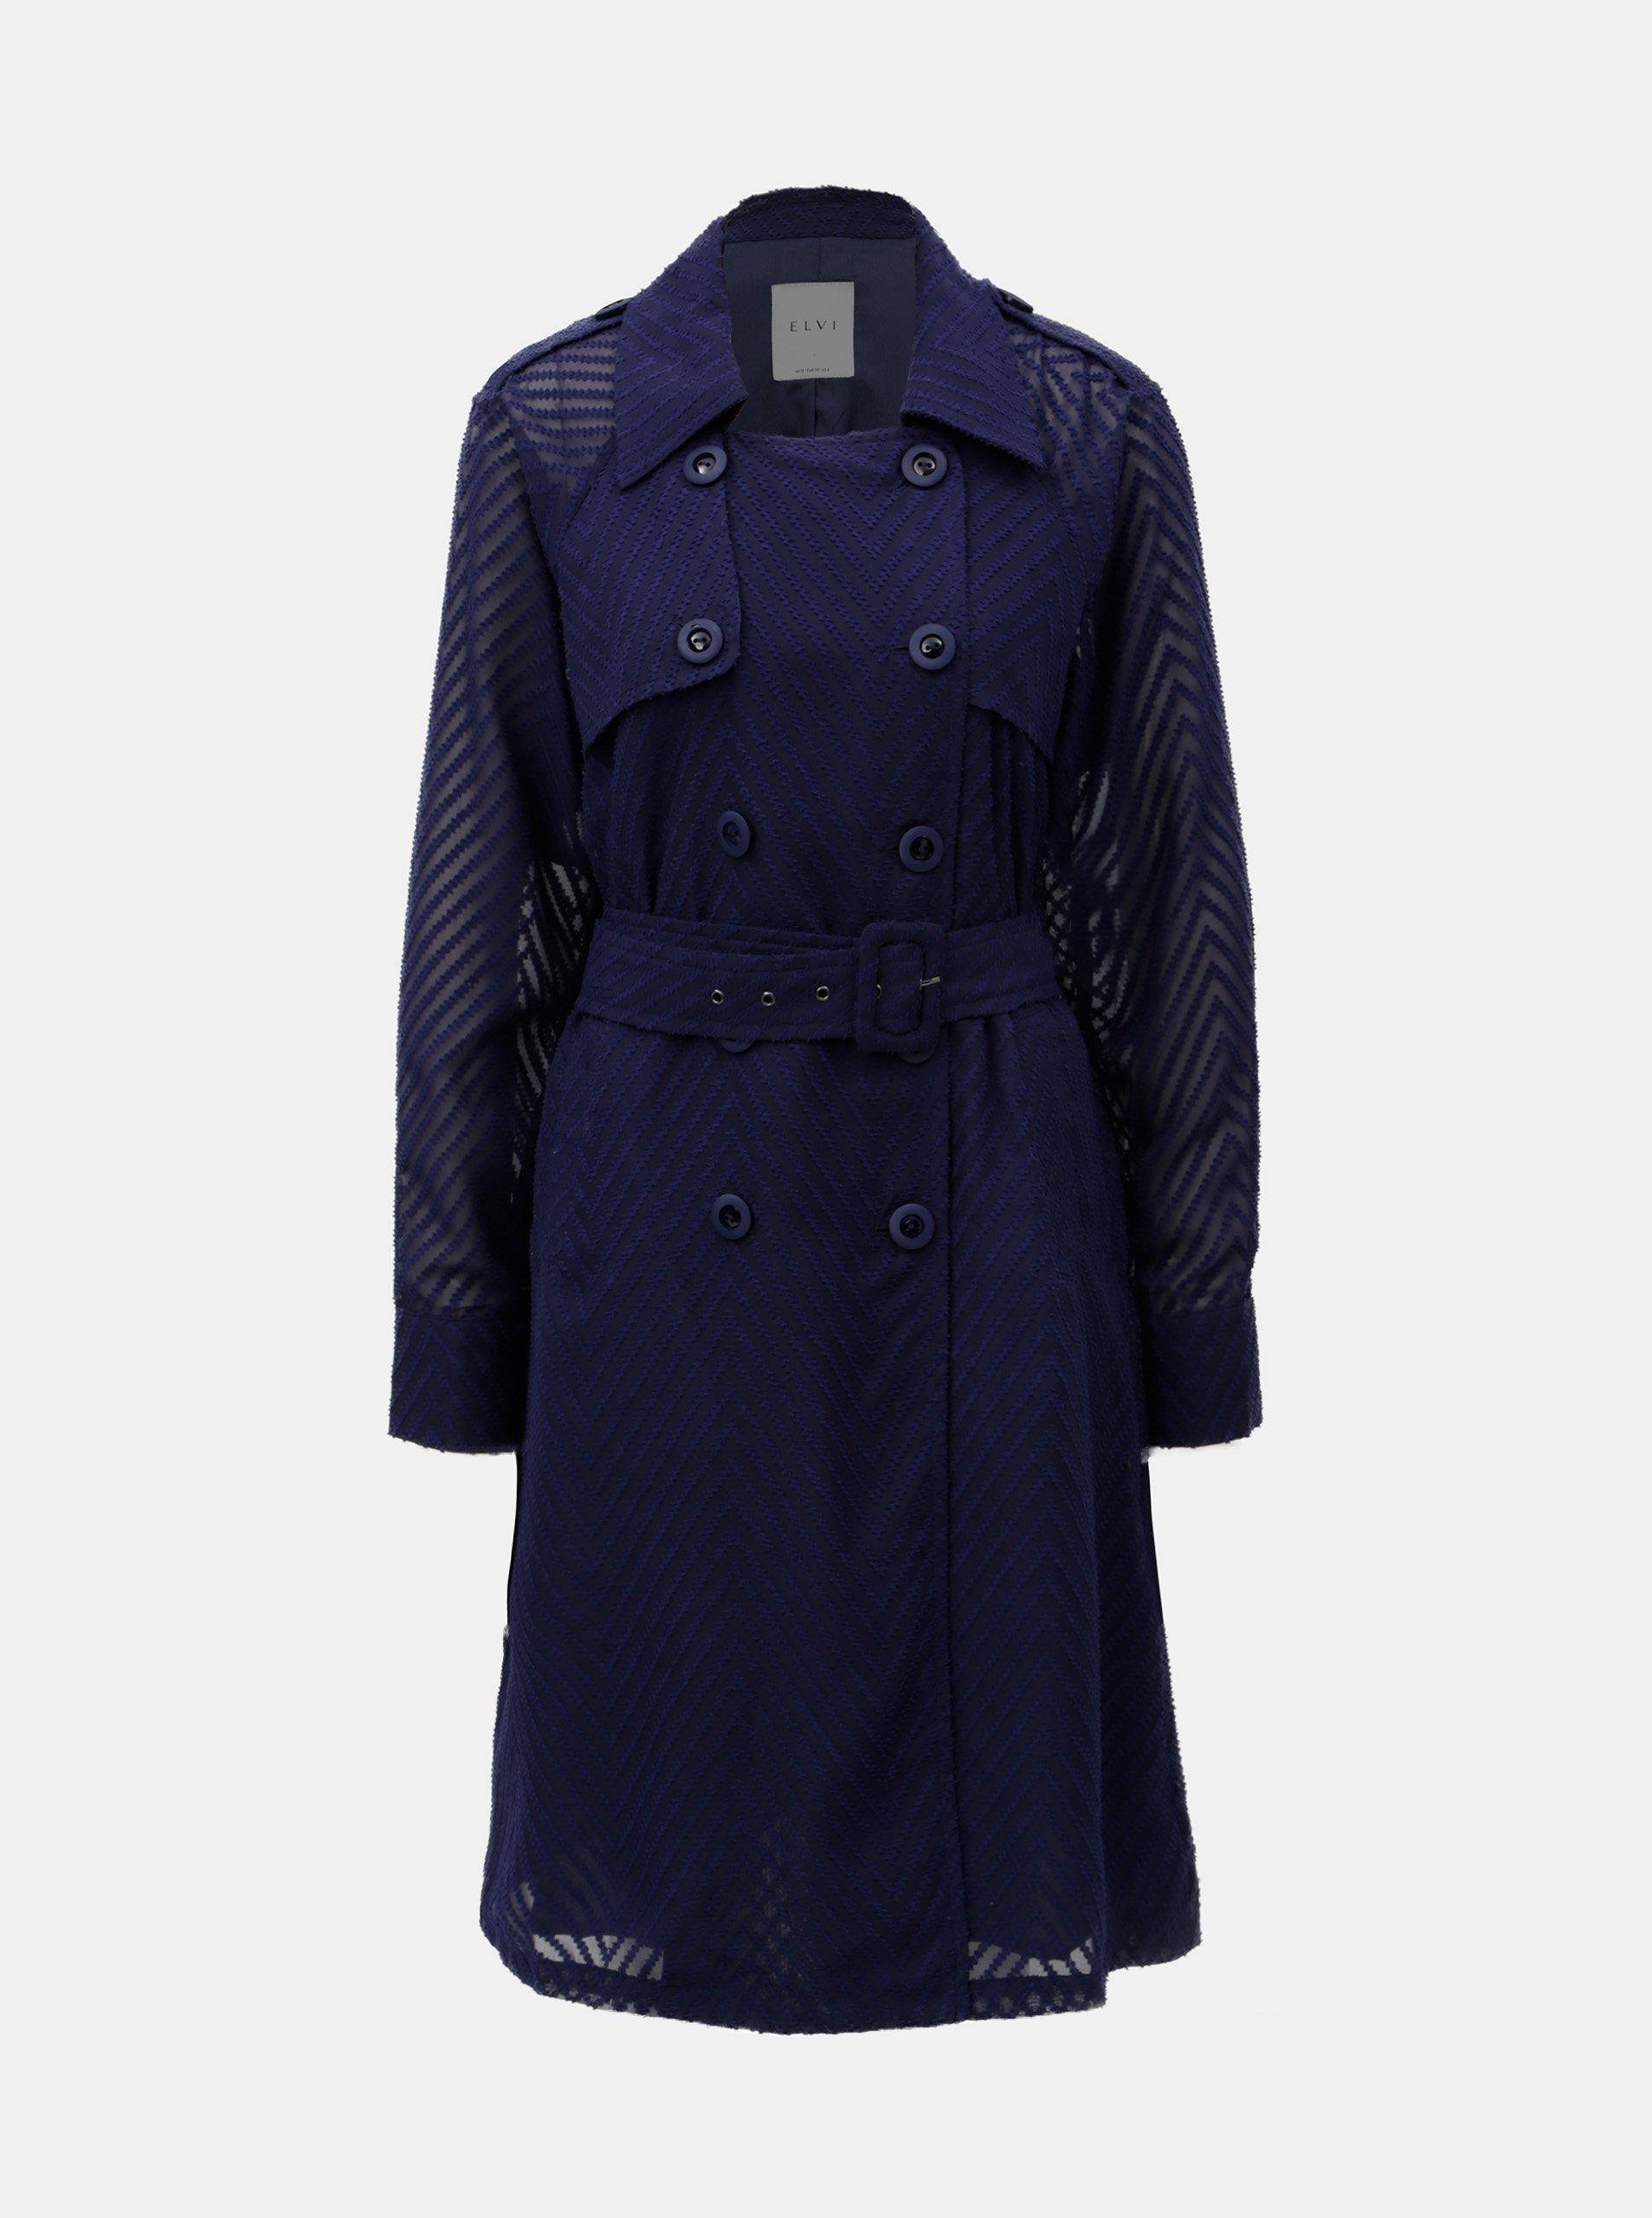 Tmavě modrý lehký kabát s průsvitnými rukávy ELVI 5c0c05d1655